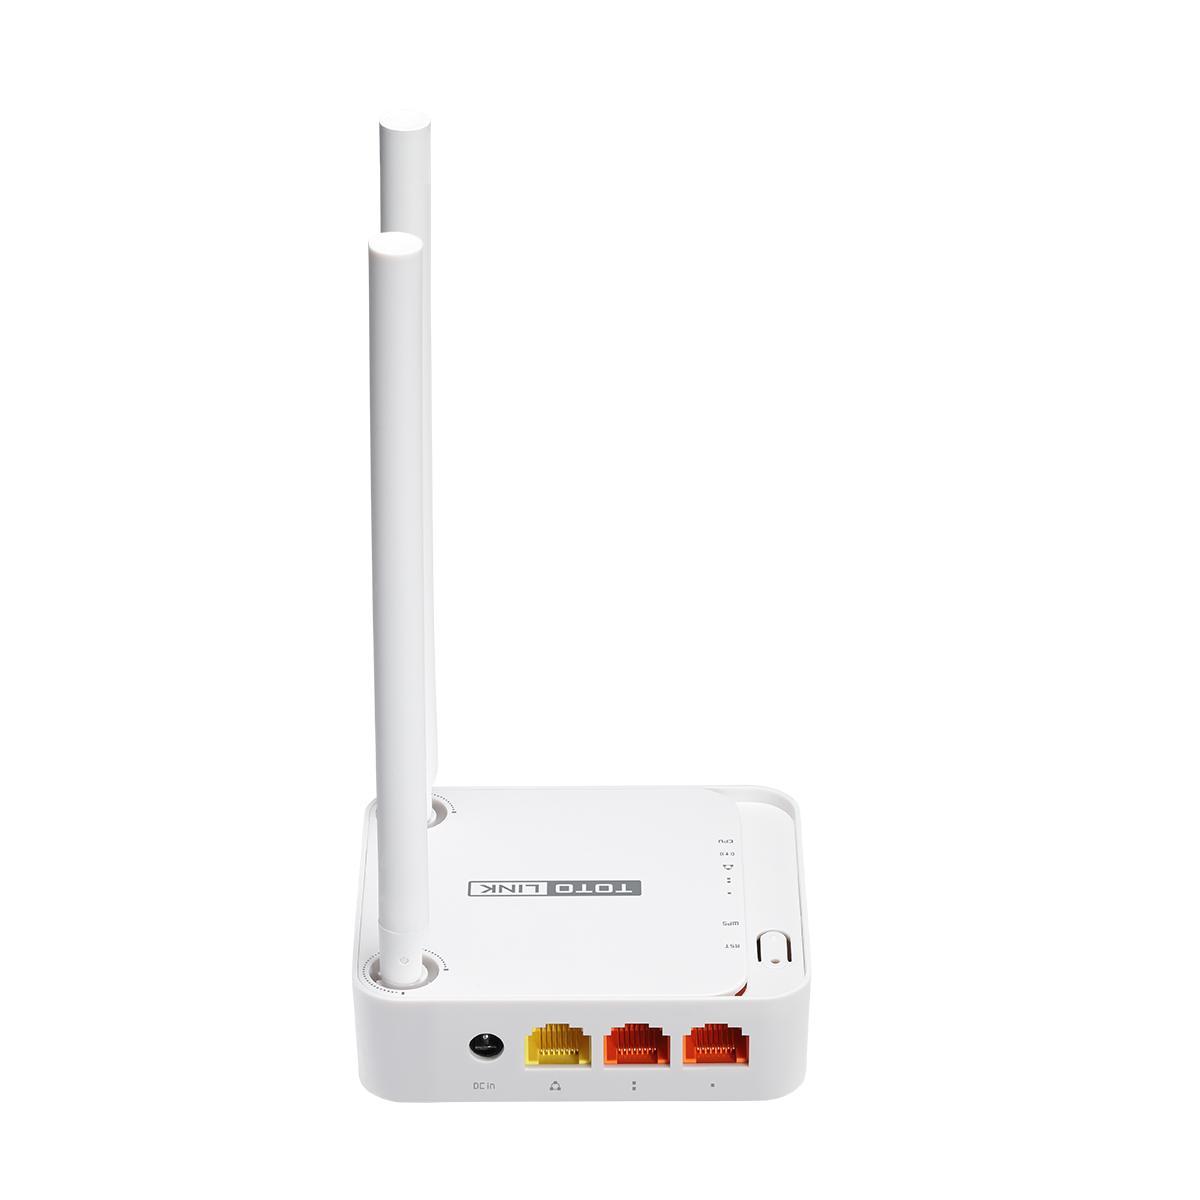 N200RE-V3 routeur sans fil Monobande (2,4 GHz) Fast Ethernet Blanc